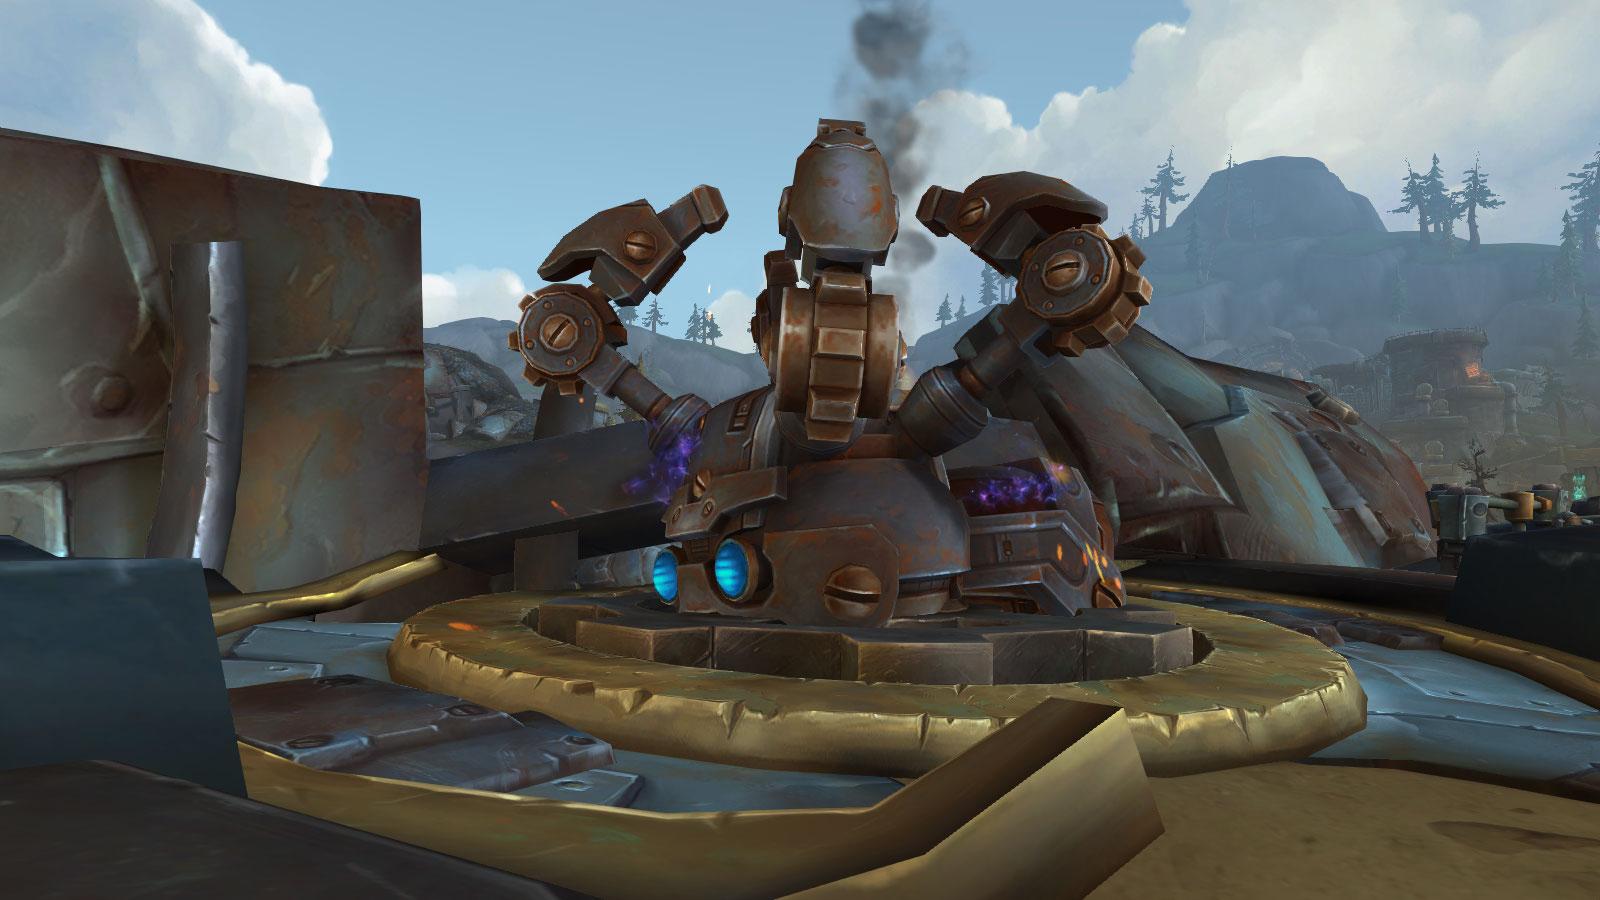 Réparez le char araignée pour obtenir la monture